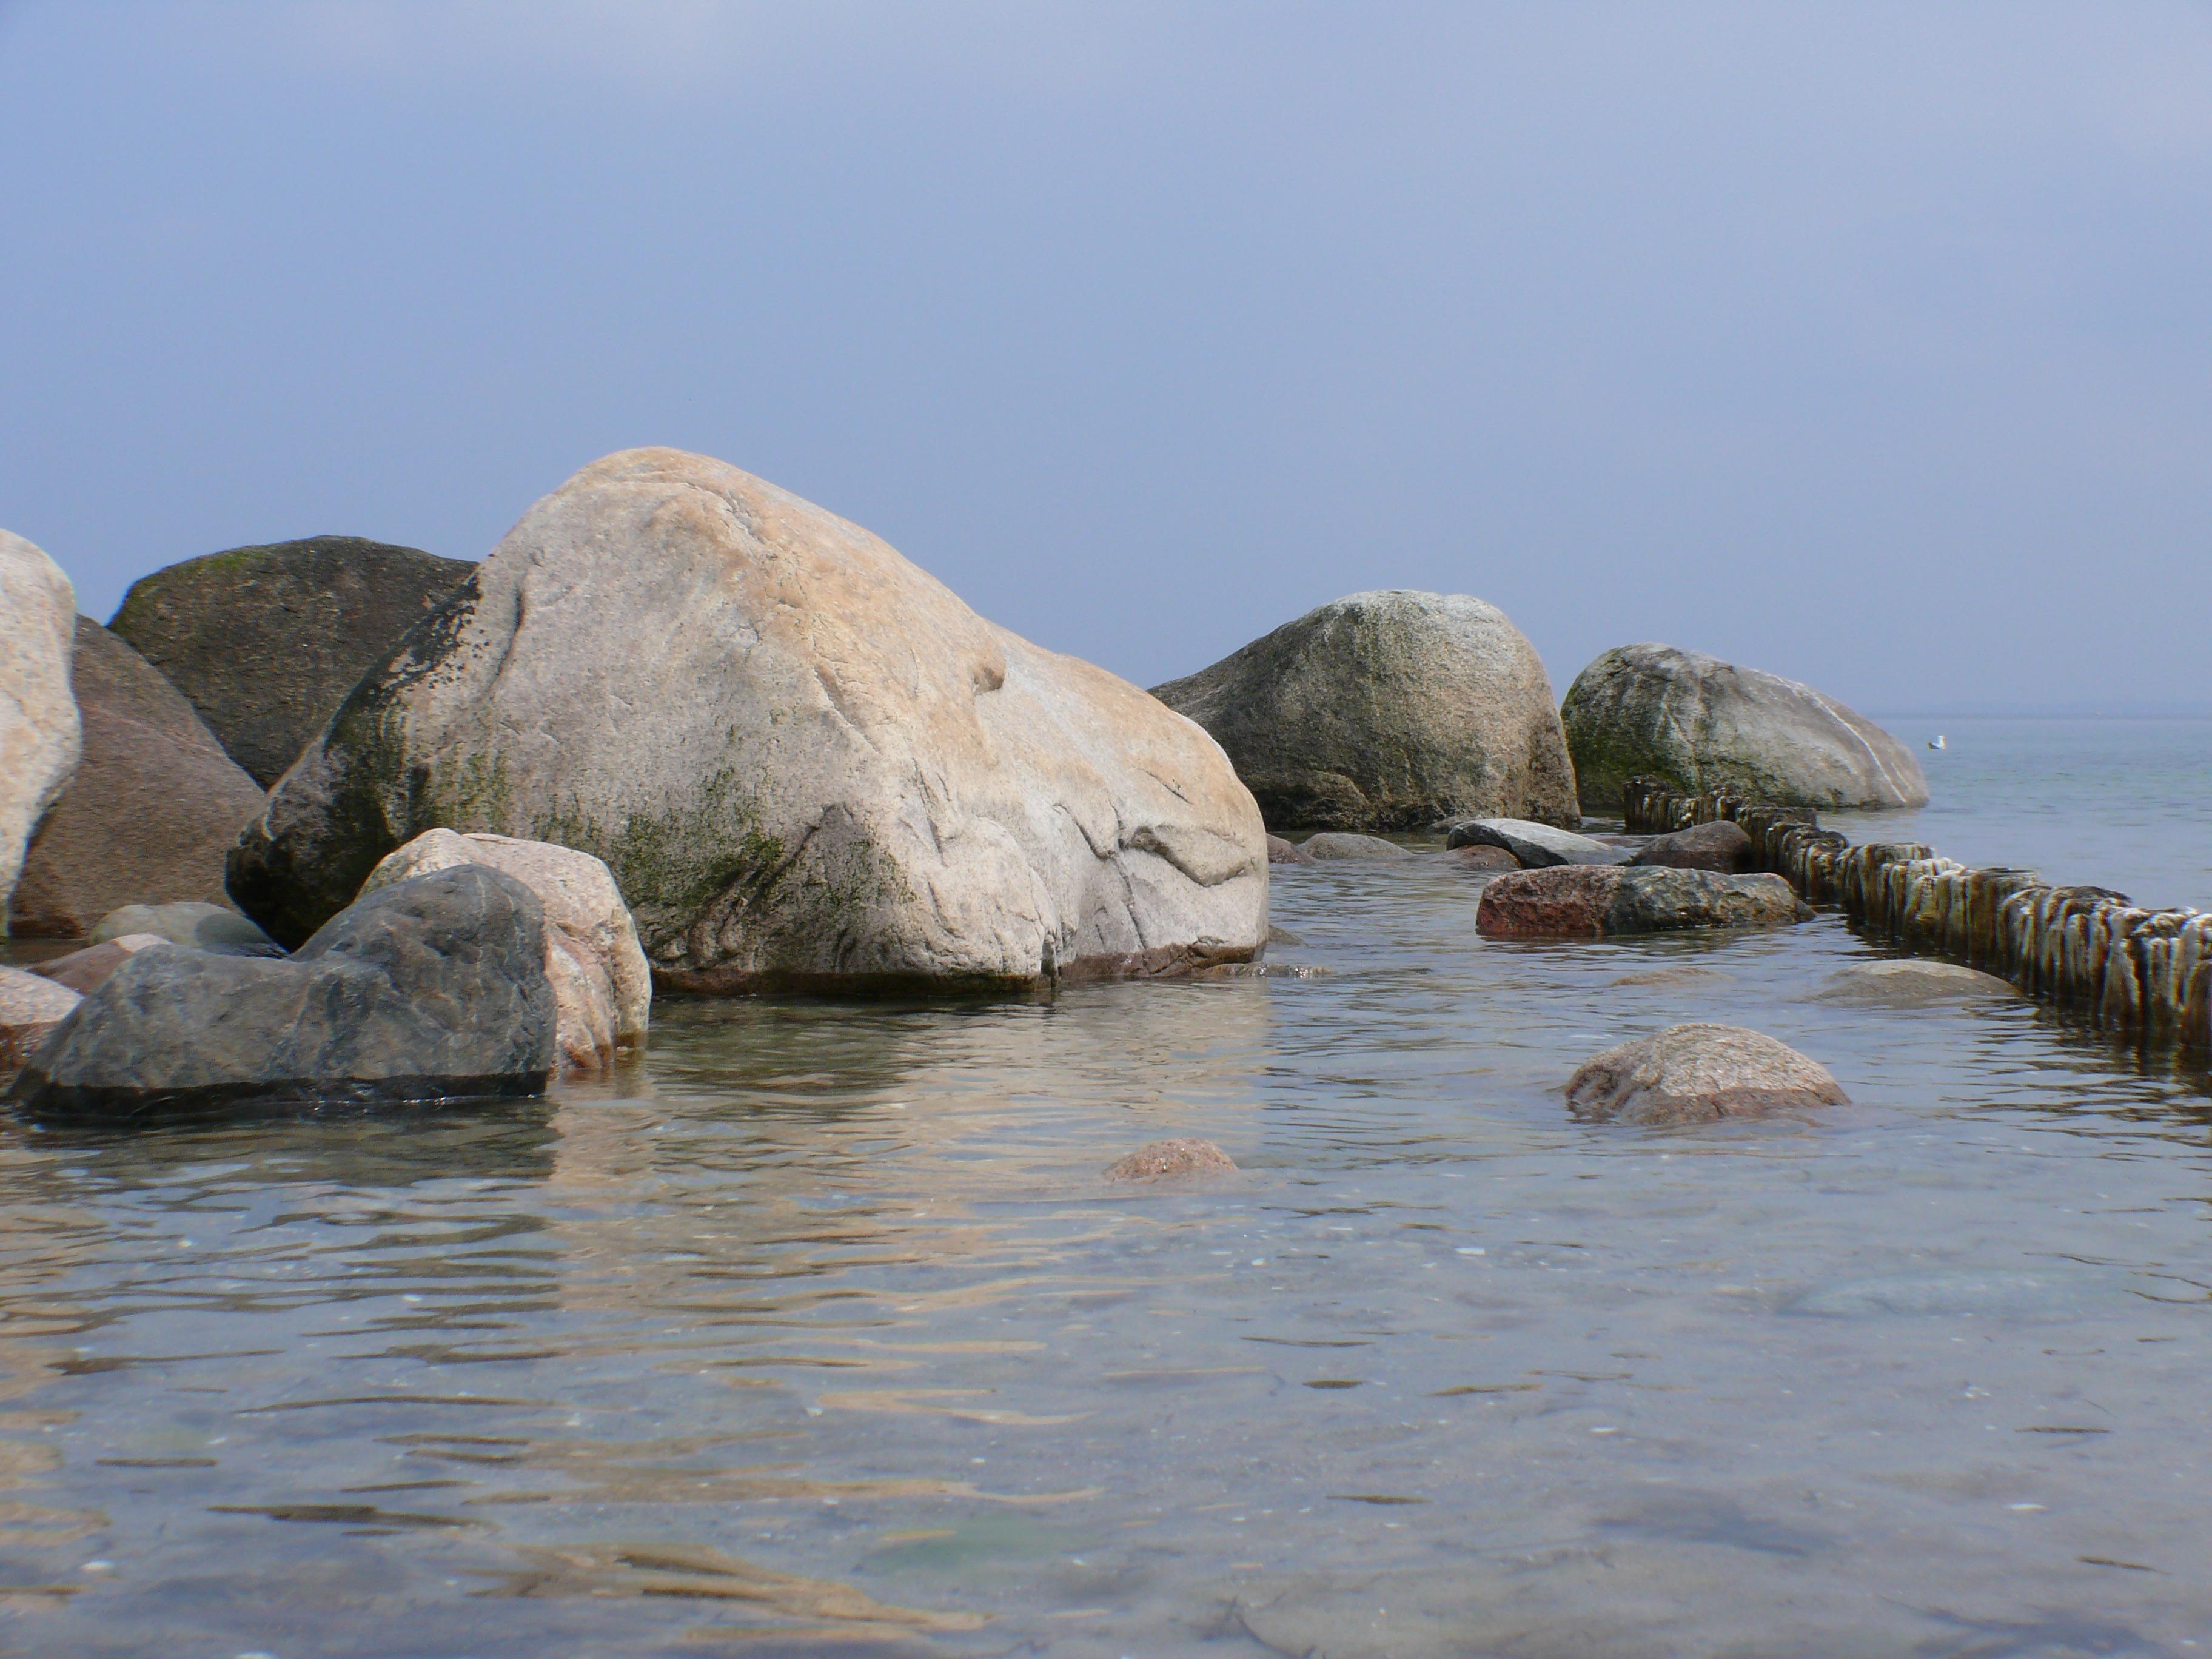 Кремний для очистки воды: где взять камень, как правильно использовать, целебные свойства